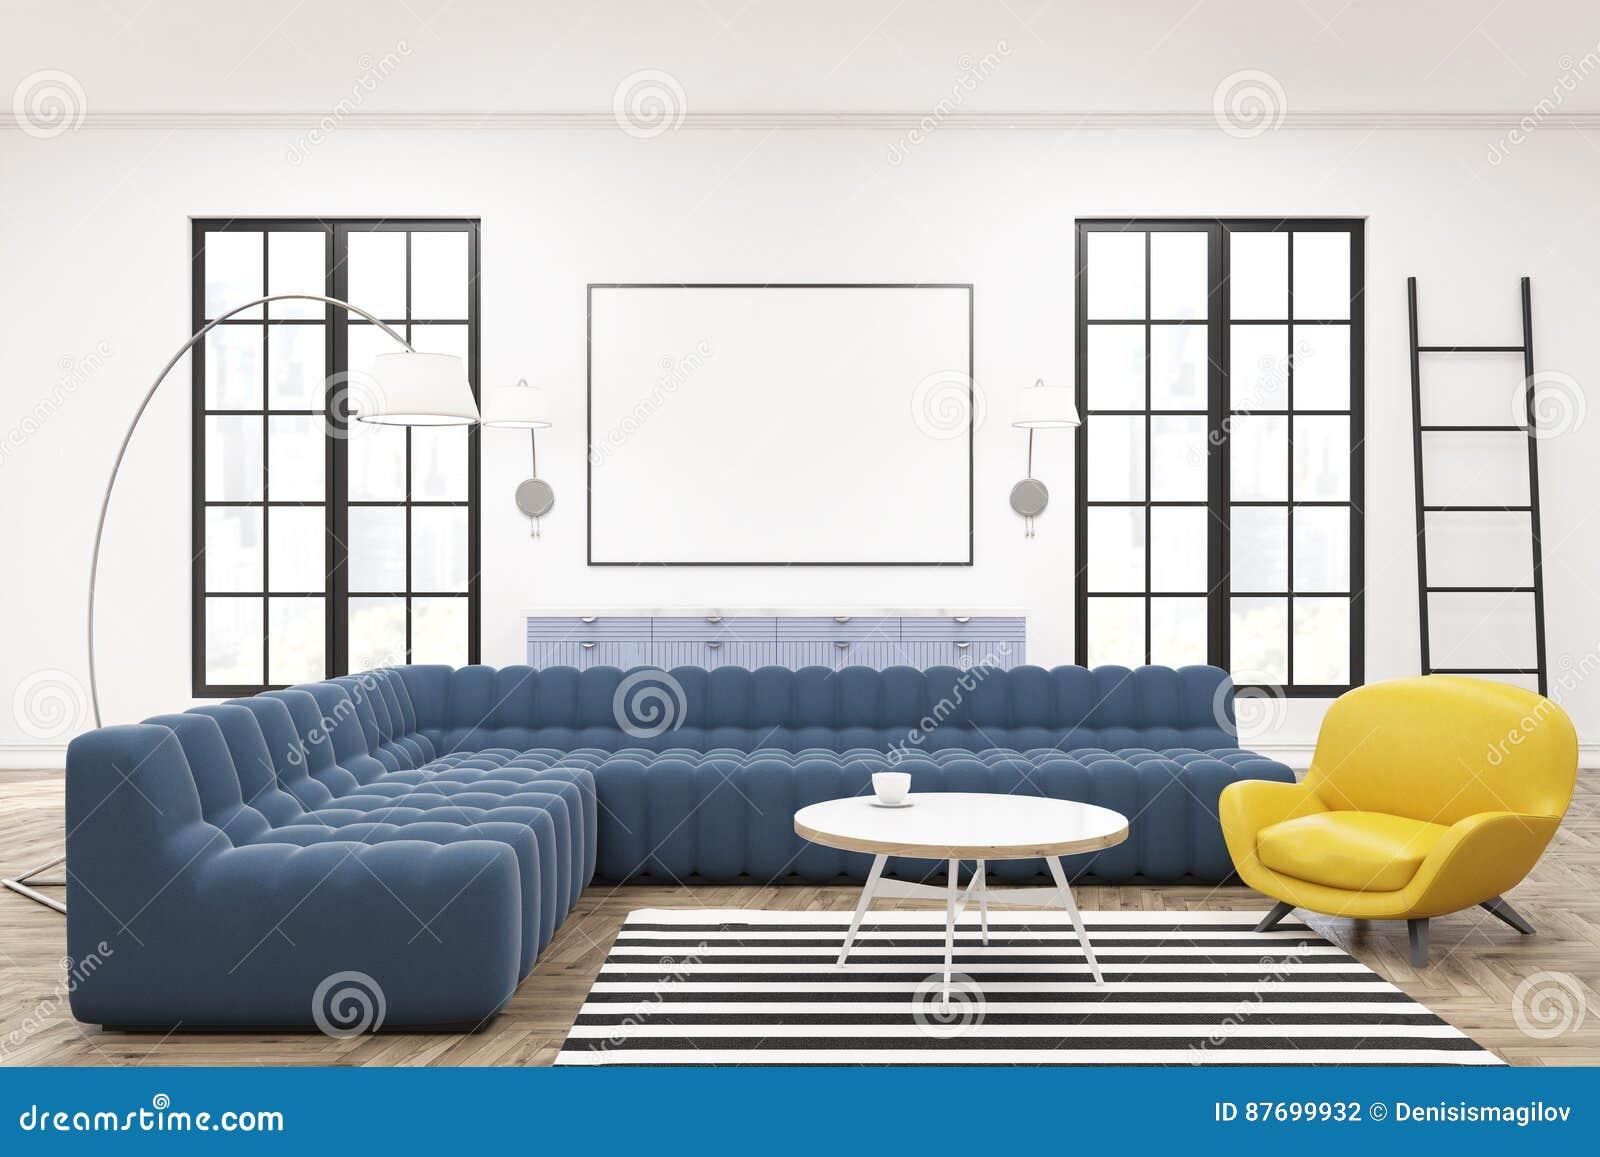 Elegant Download Moderner Aufenthaltsrauminnenraum, Plakat, Blaue Sofas Stock  Abbildung   Illustration Von Leer, Möbel